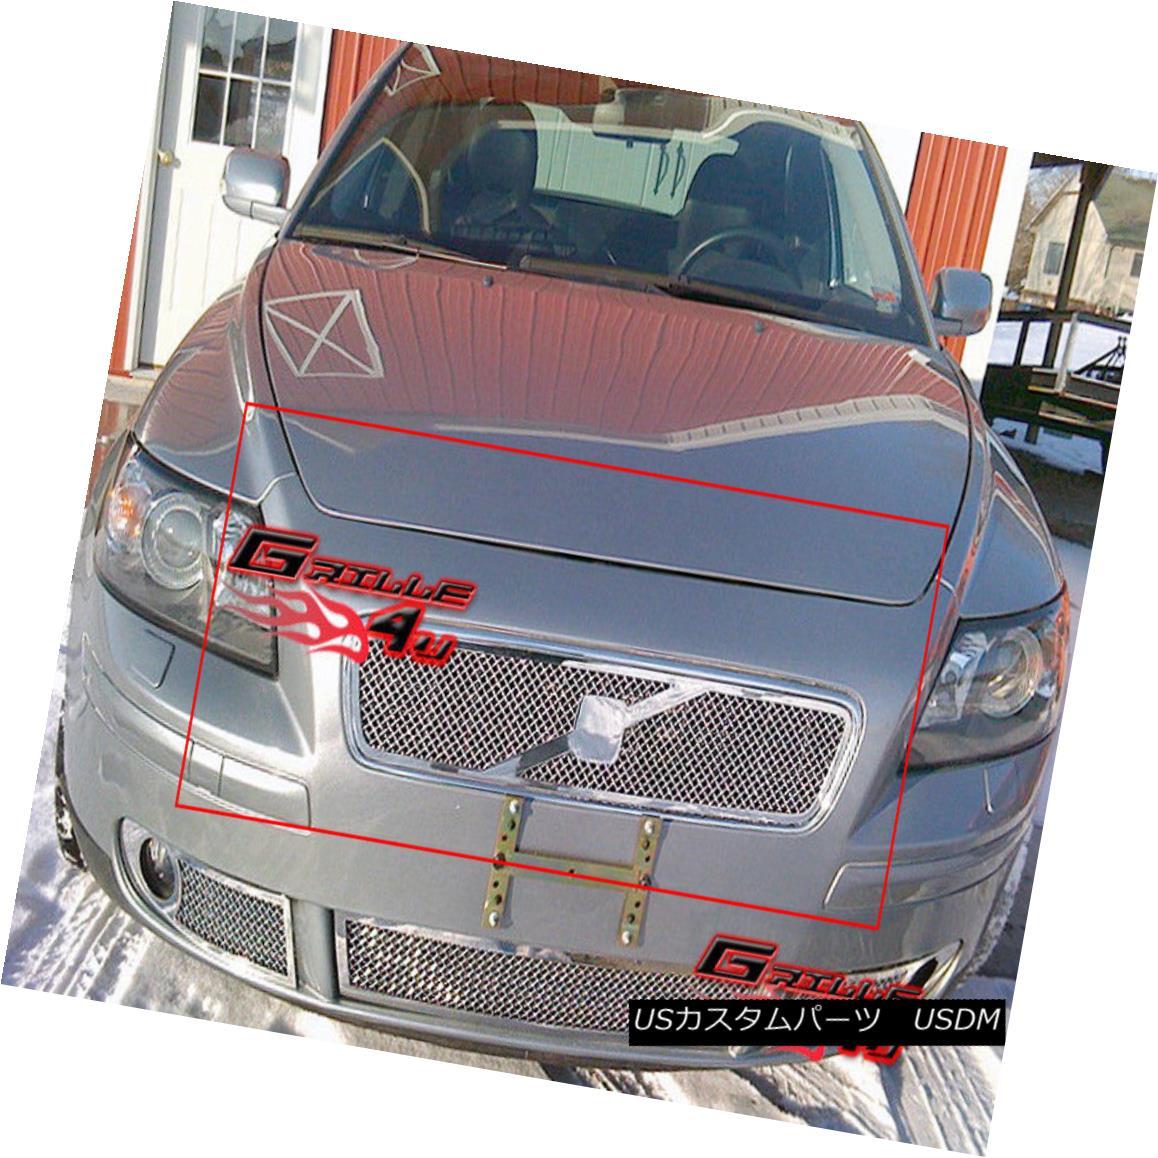 グリル Fits 05-07 Volvo S40/05-06 V50 Stainless Steel Mesh Grille フィット05-07ボルボS40 / 05-06 V50ステンレスメッシュグリル